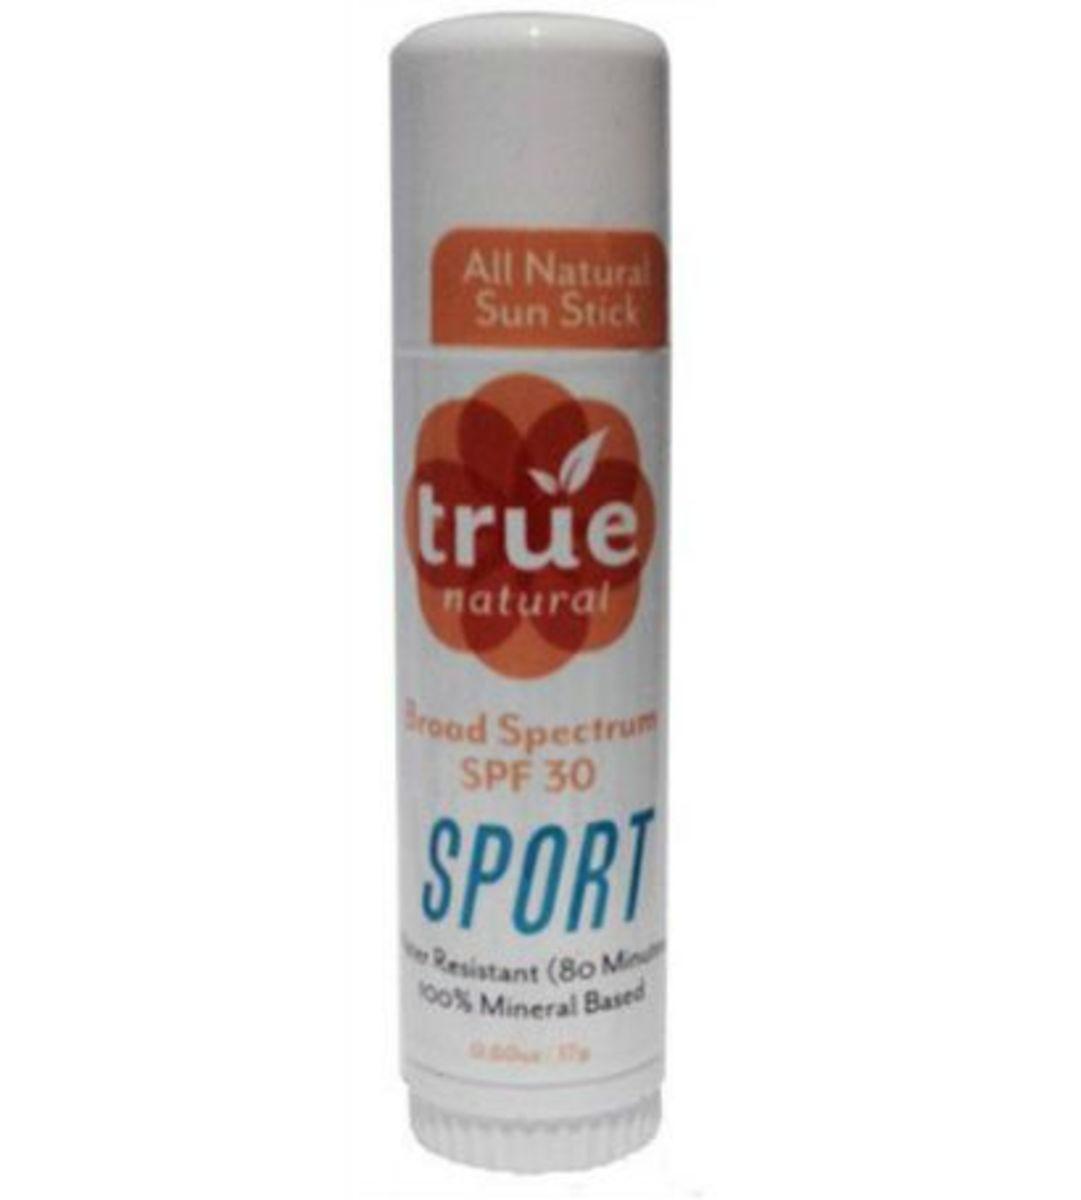 Natural Sunscreen True Natural Sport Stick